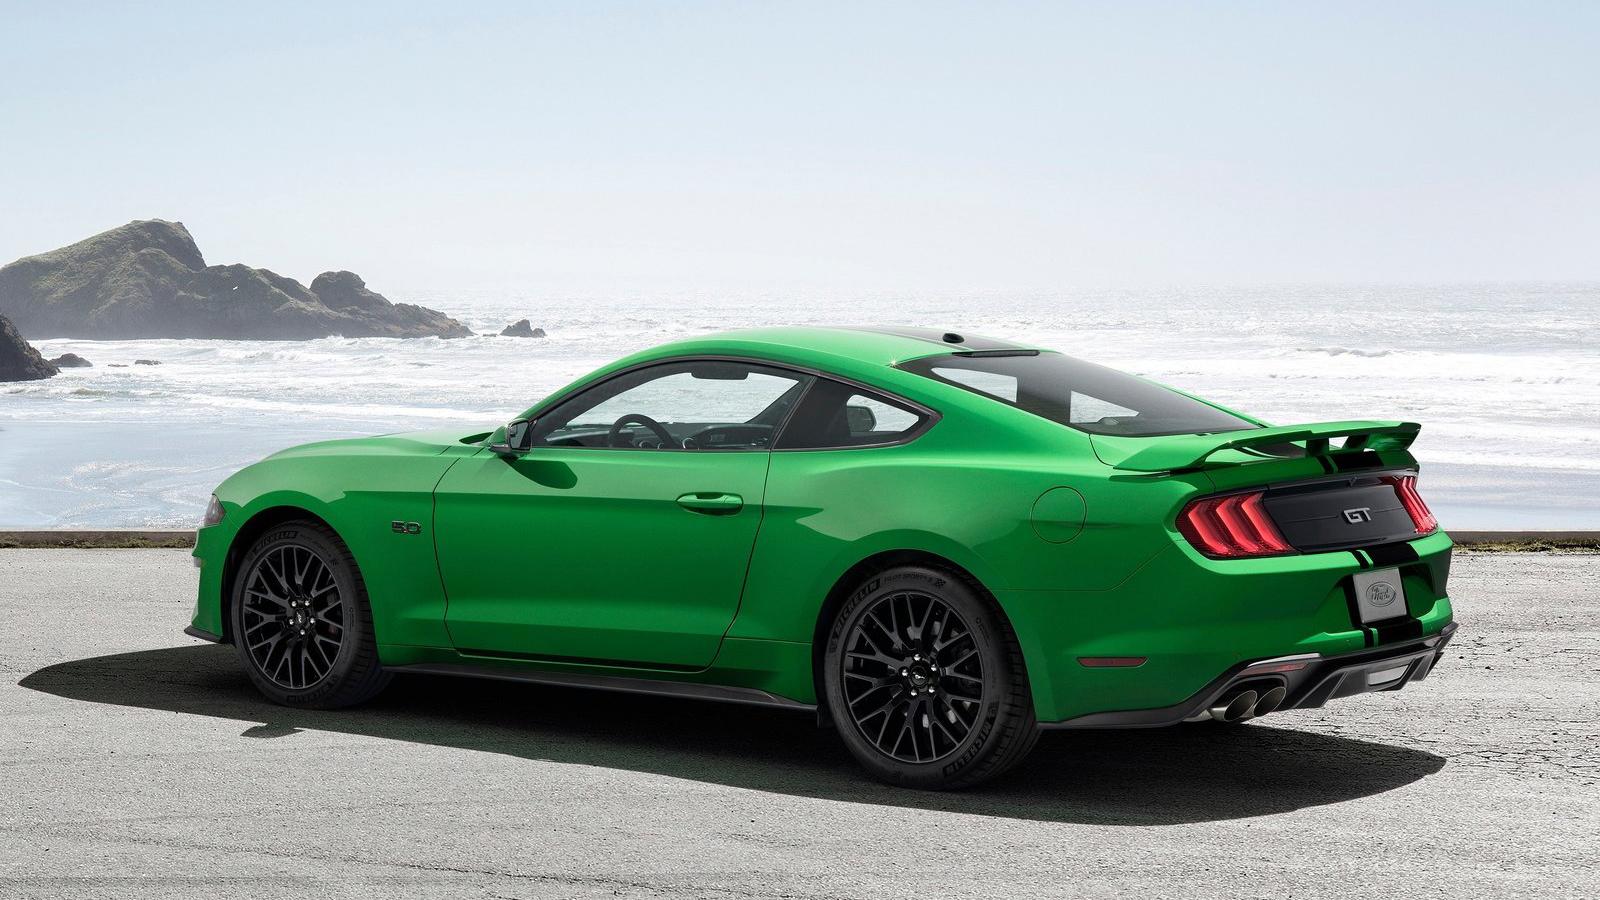 中美停止互加关税!30多万的Mustang又回来了!